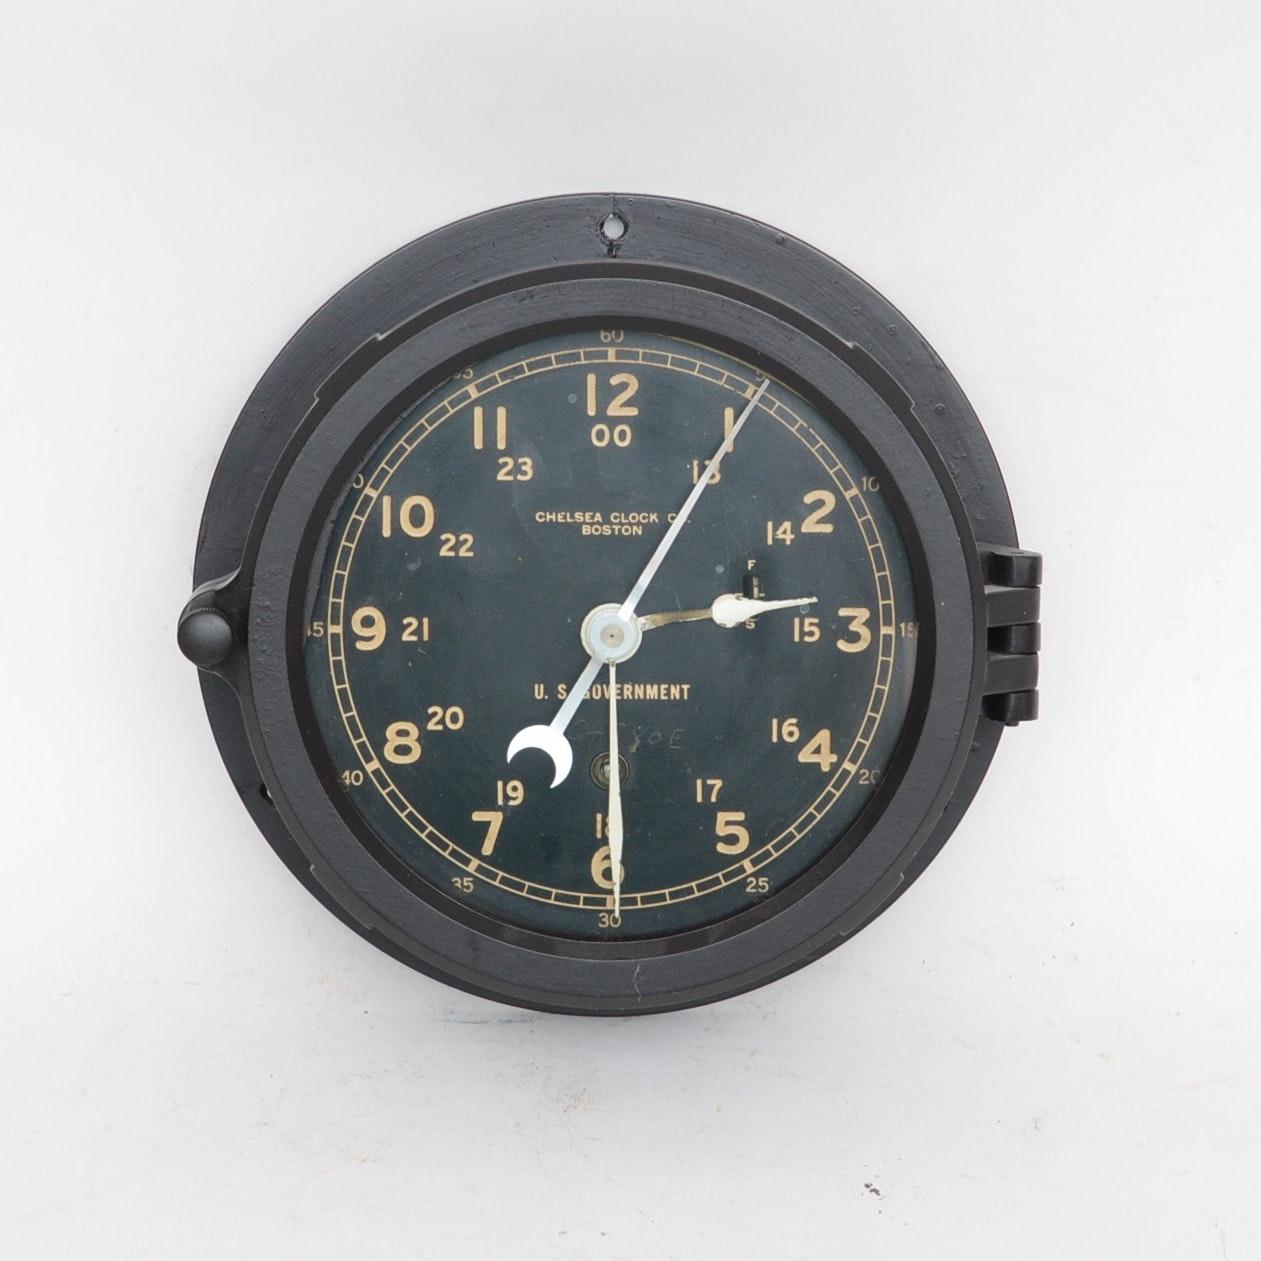 Chelsea Boston U.S. Government Ship's Clock, circa 1940-1944